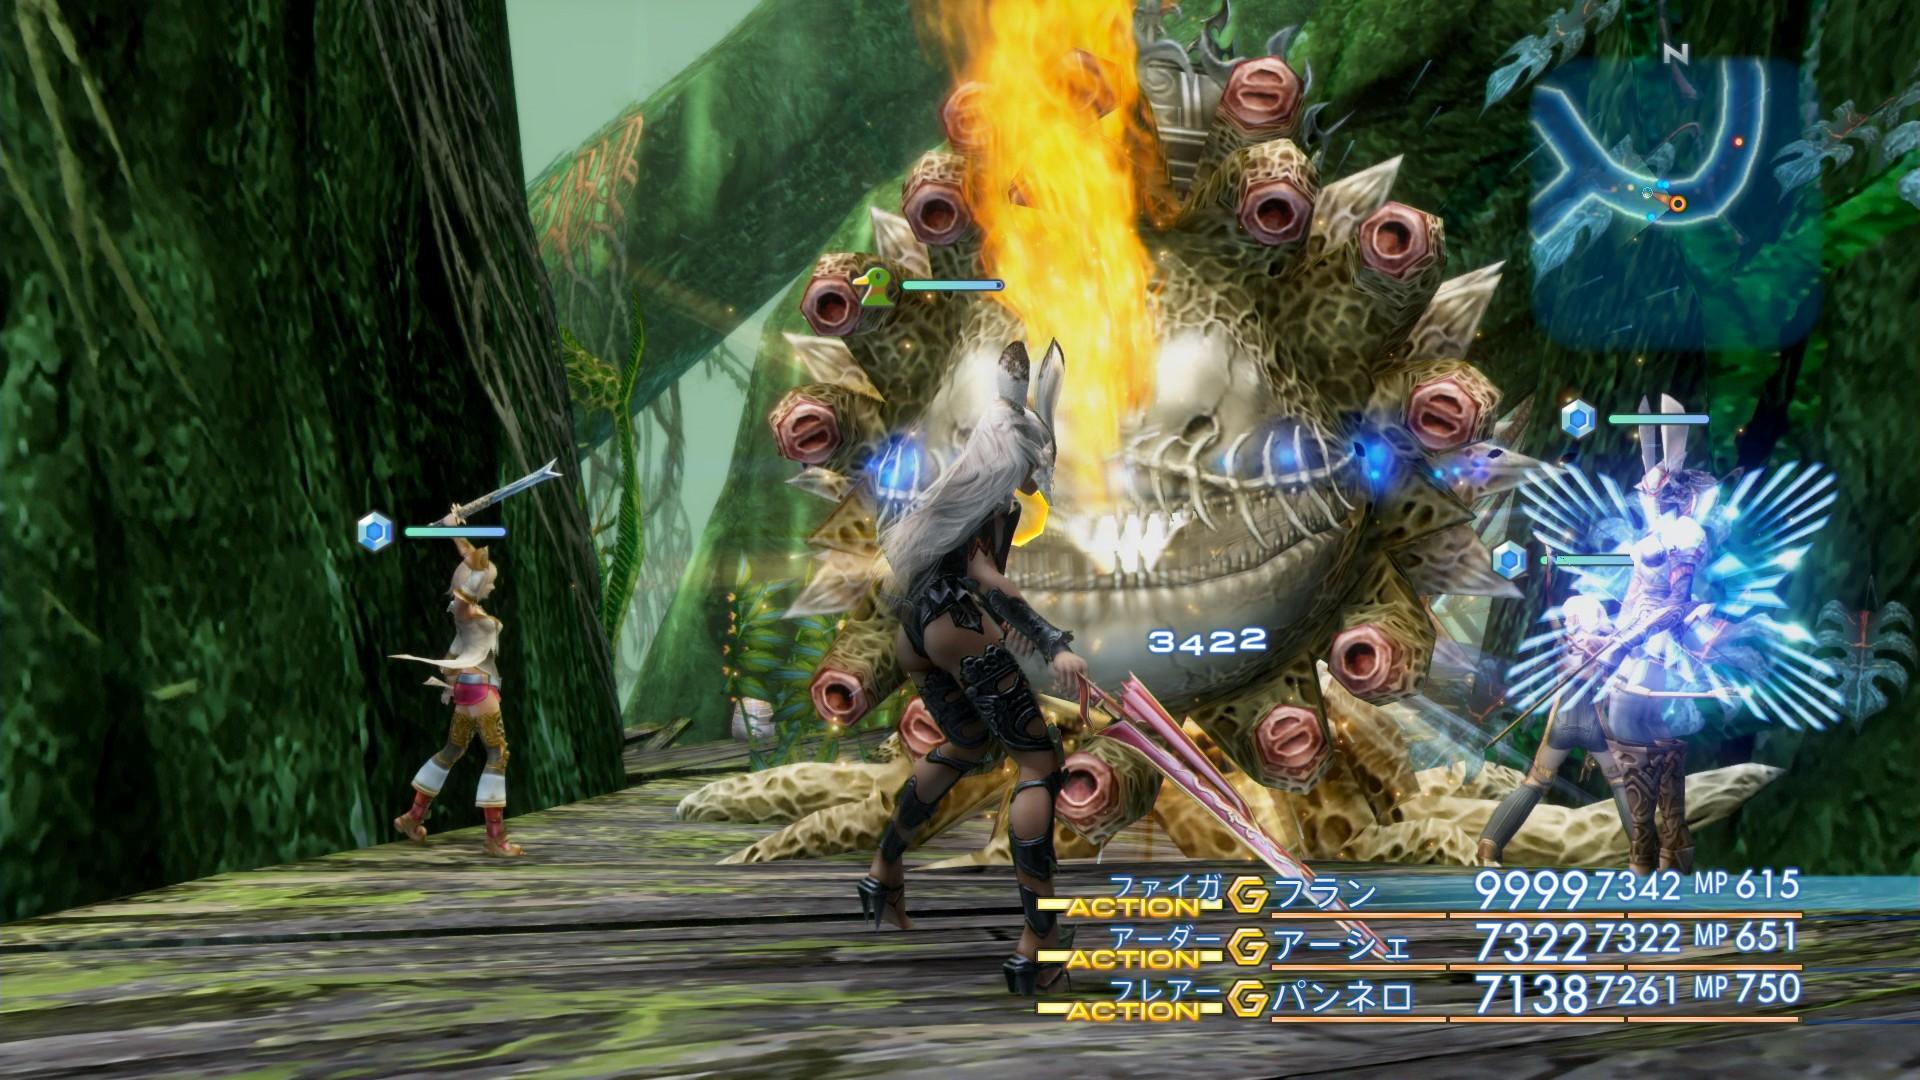 Lov, klany a nepřátelé z Final Fantasy XII: The Zodiac Age na screenshotech 146306